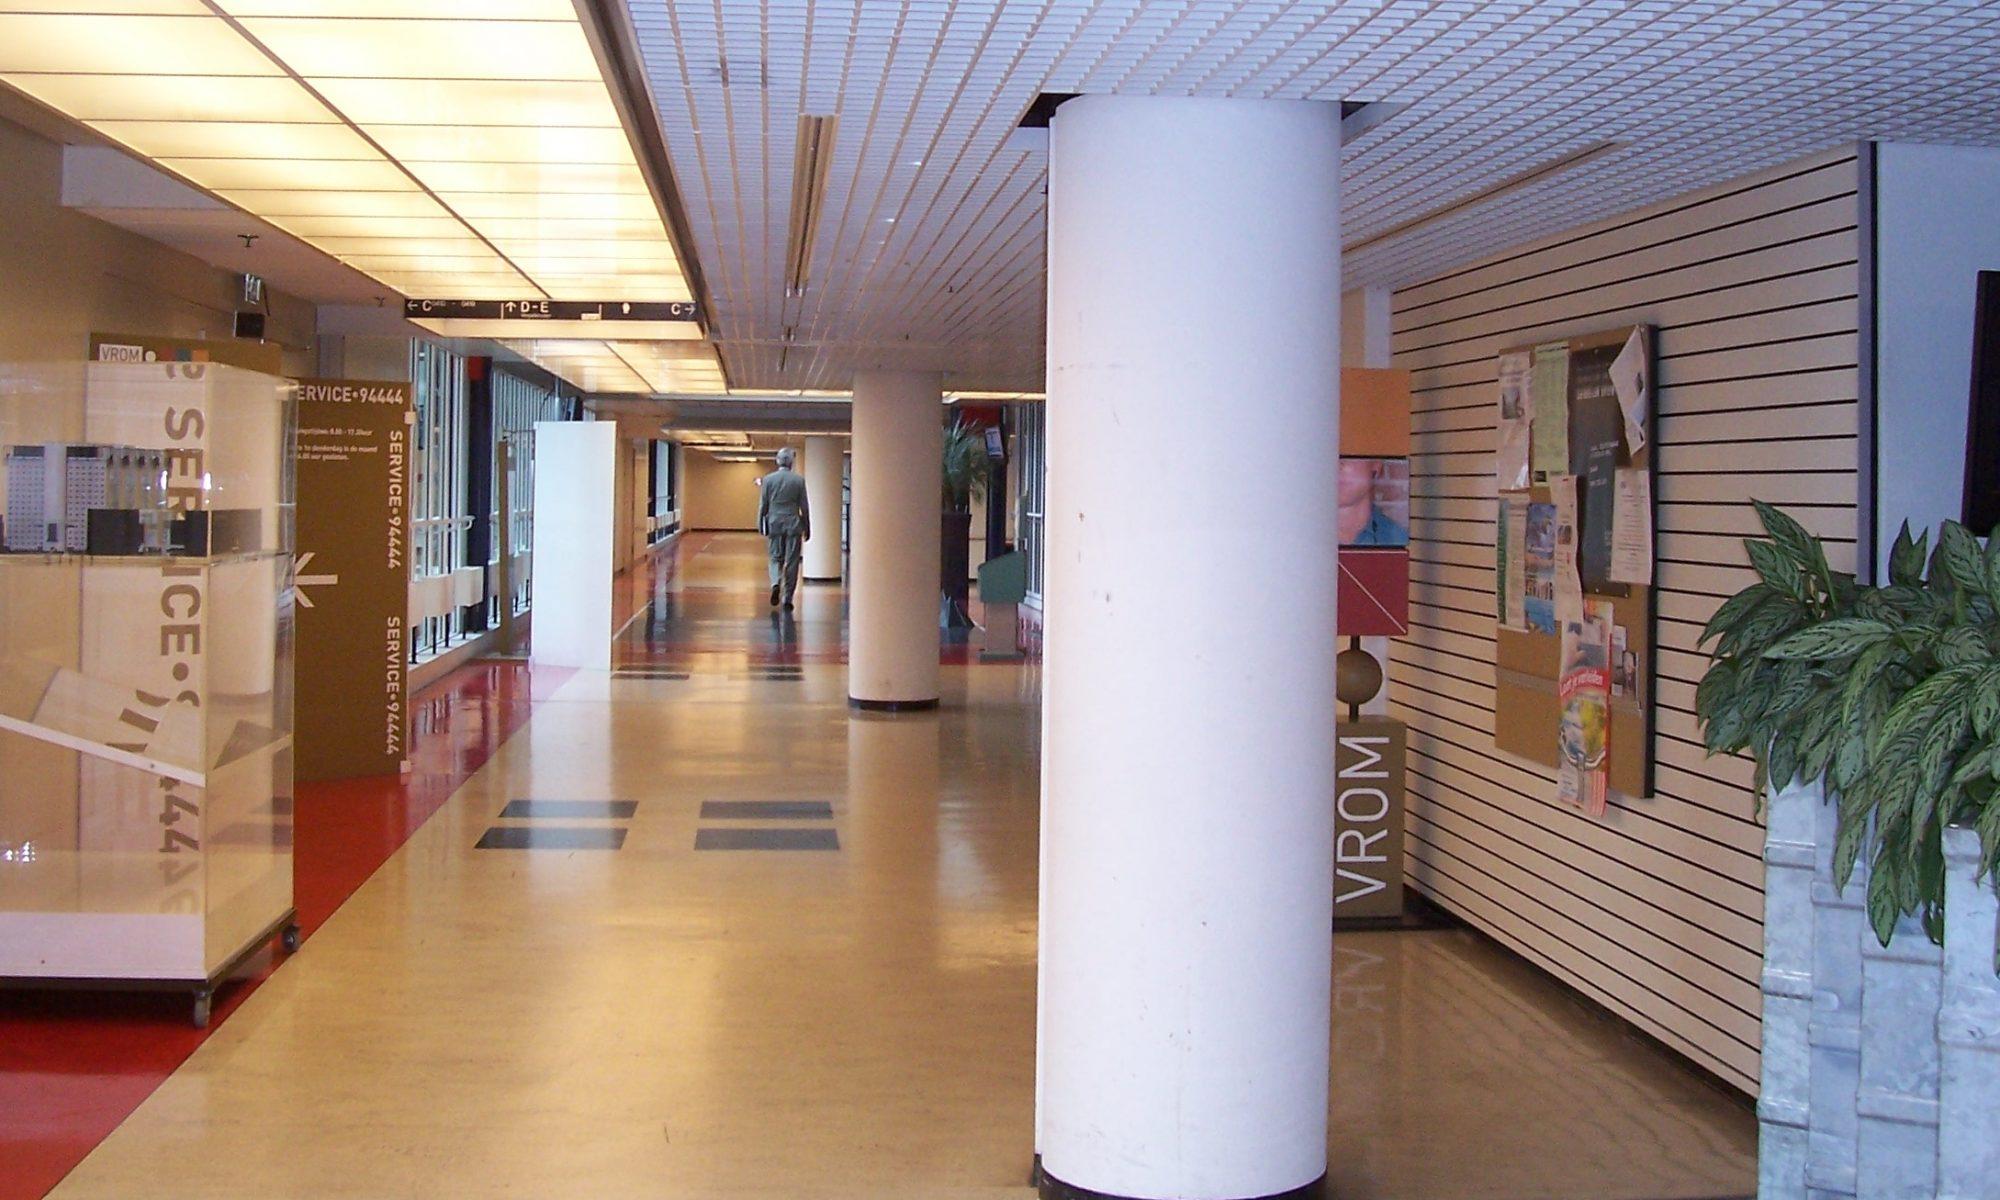 Anjer hoorzitting ministerie van VROM interieur